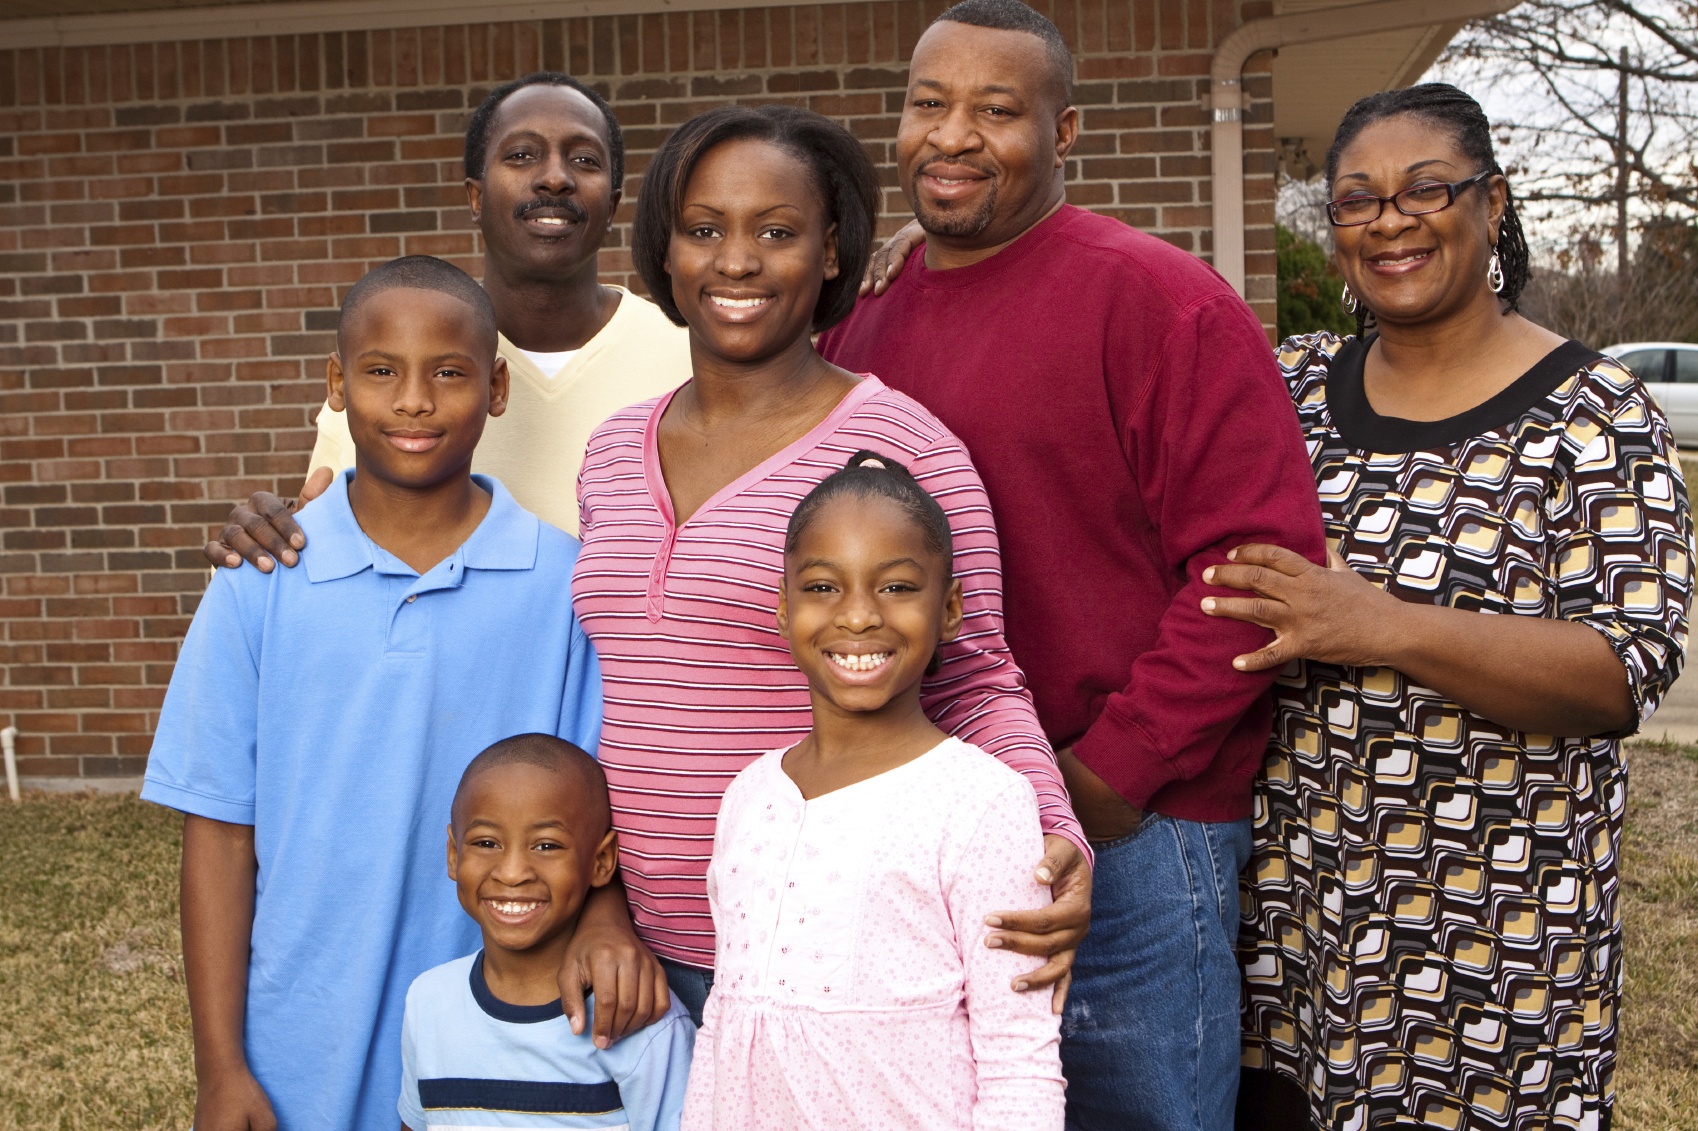 fam-comm-02-family.jpg